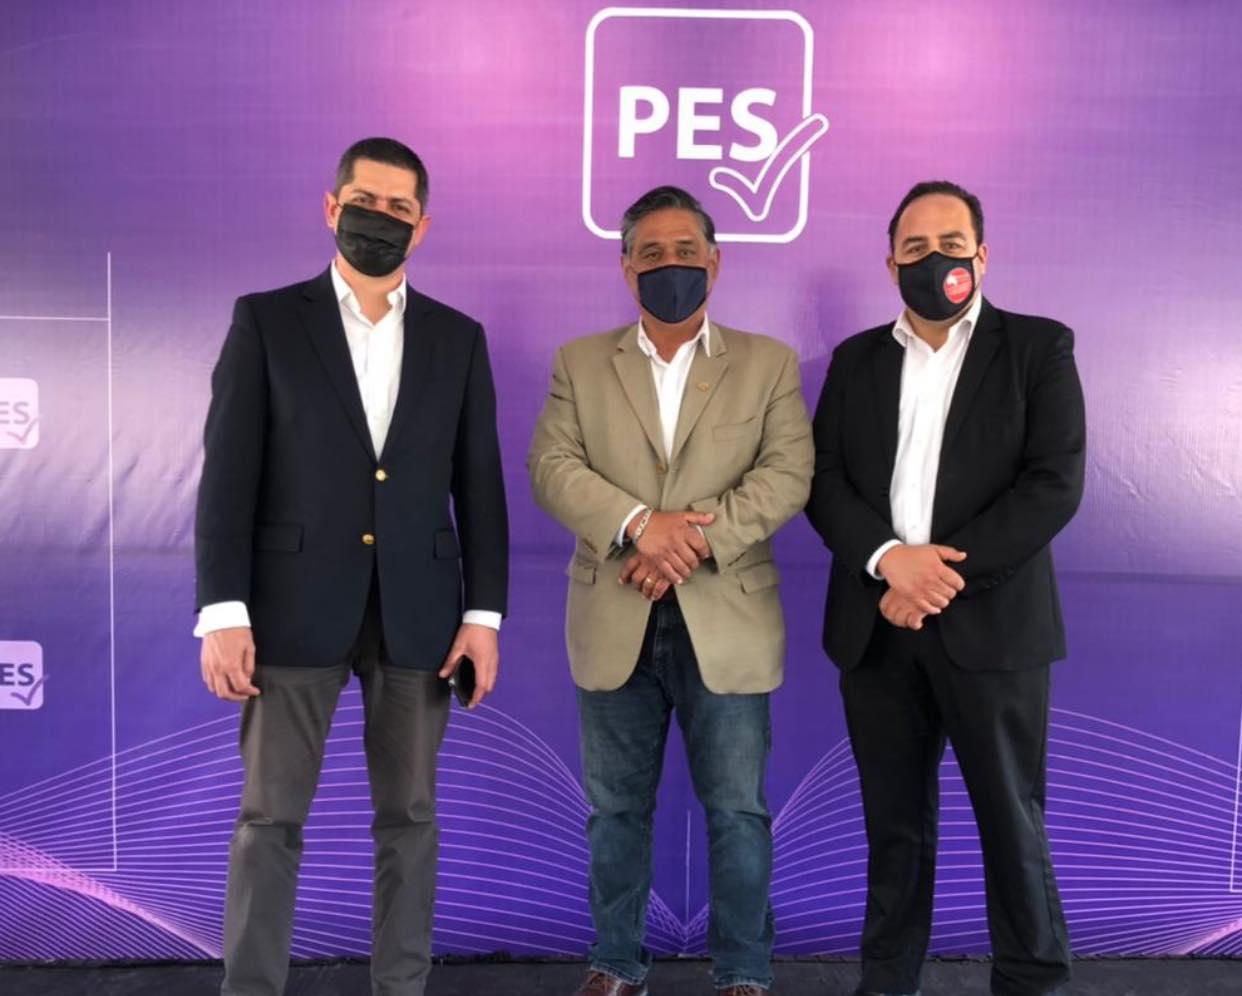 Continúa la persecución política contra Leyzaola: Candidatos a Diputados del PES